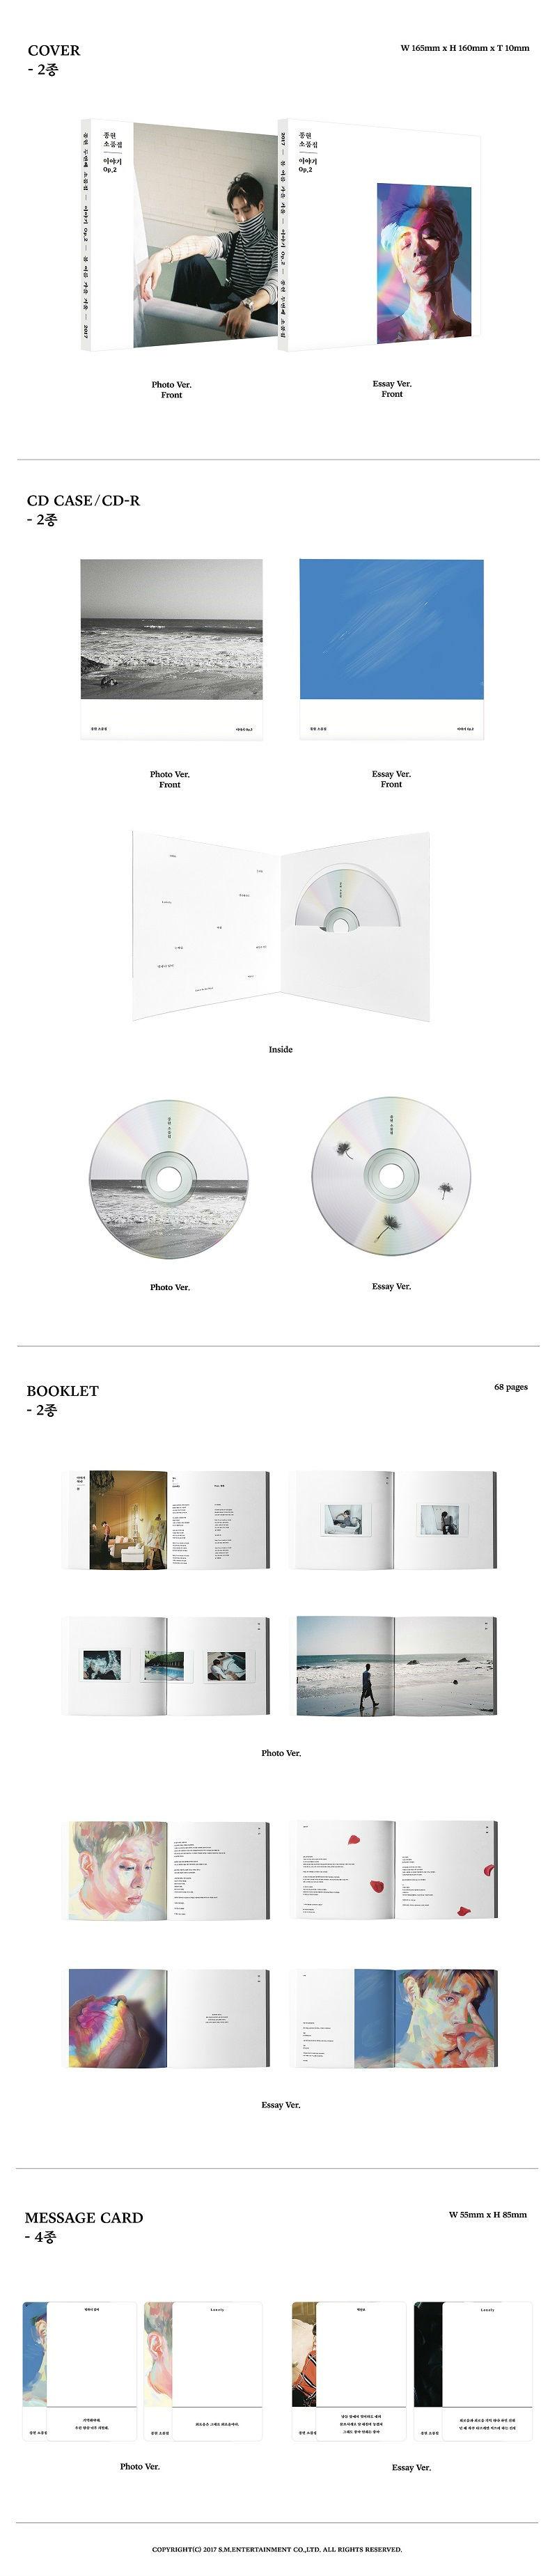 ジョンヒョン(JONGHYUN) - The Collection STORY Op.2 [Photo Ver ...